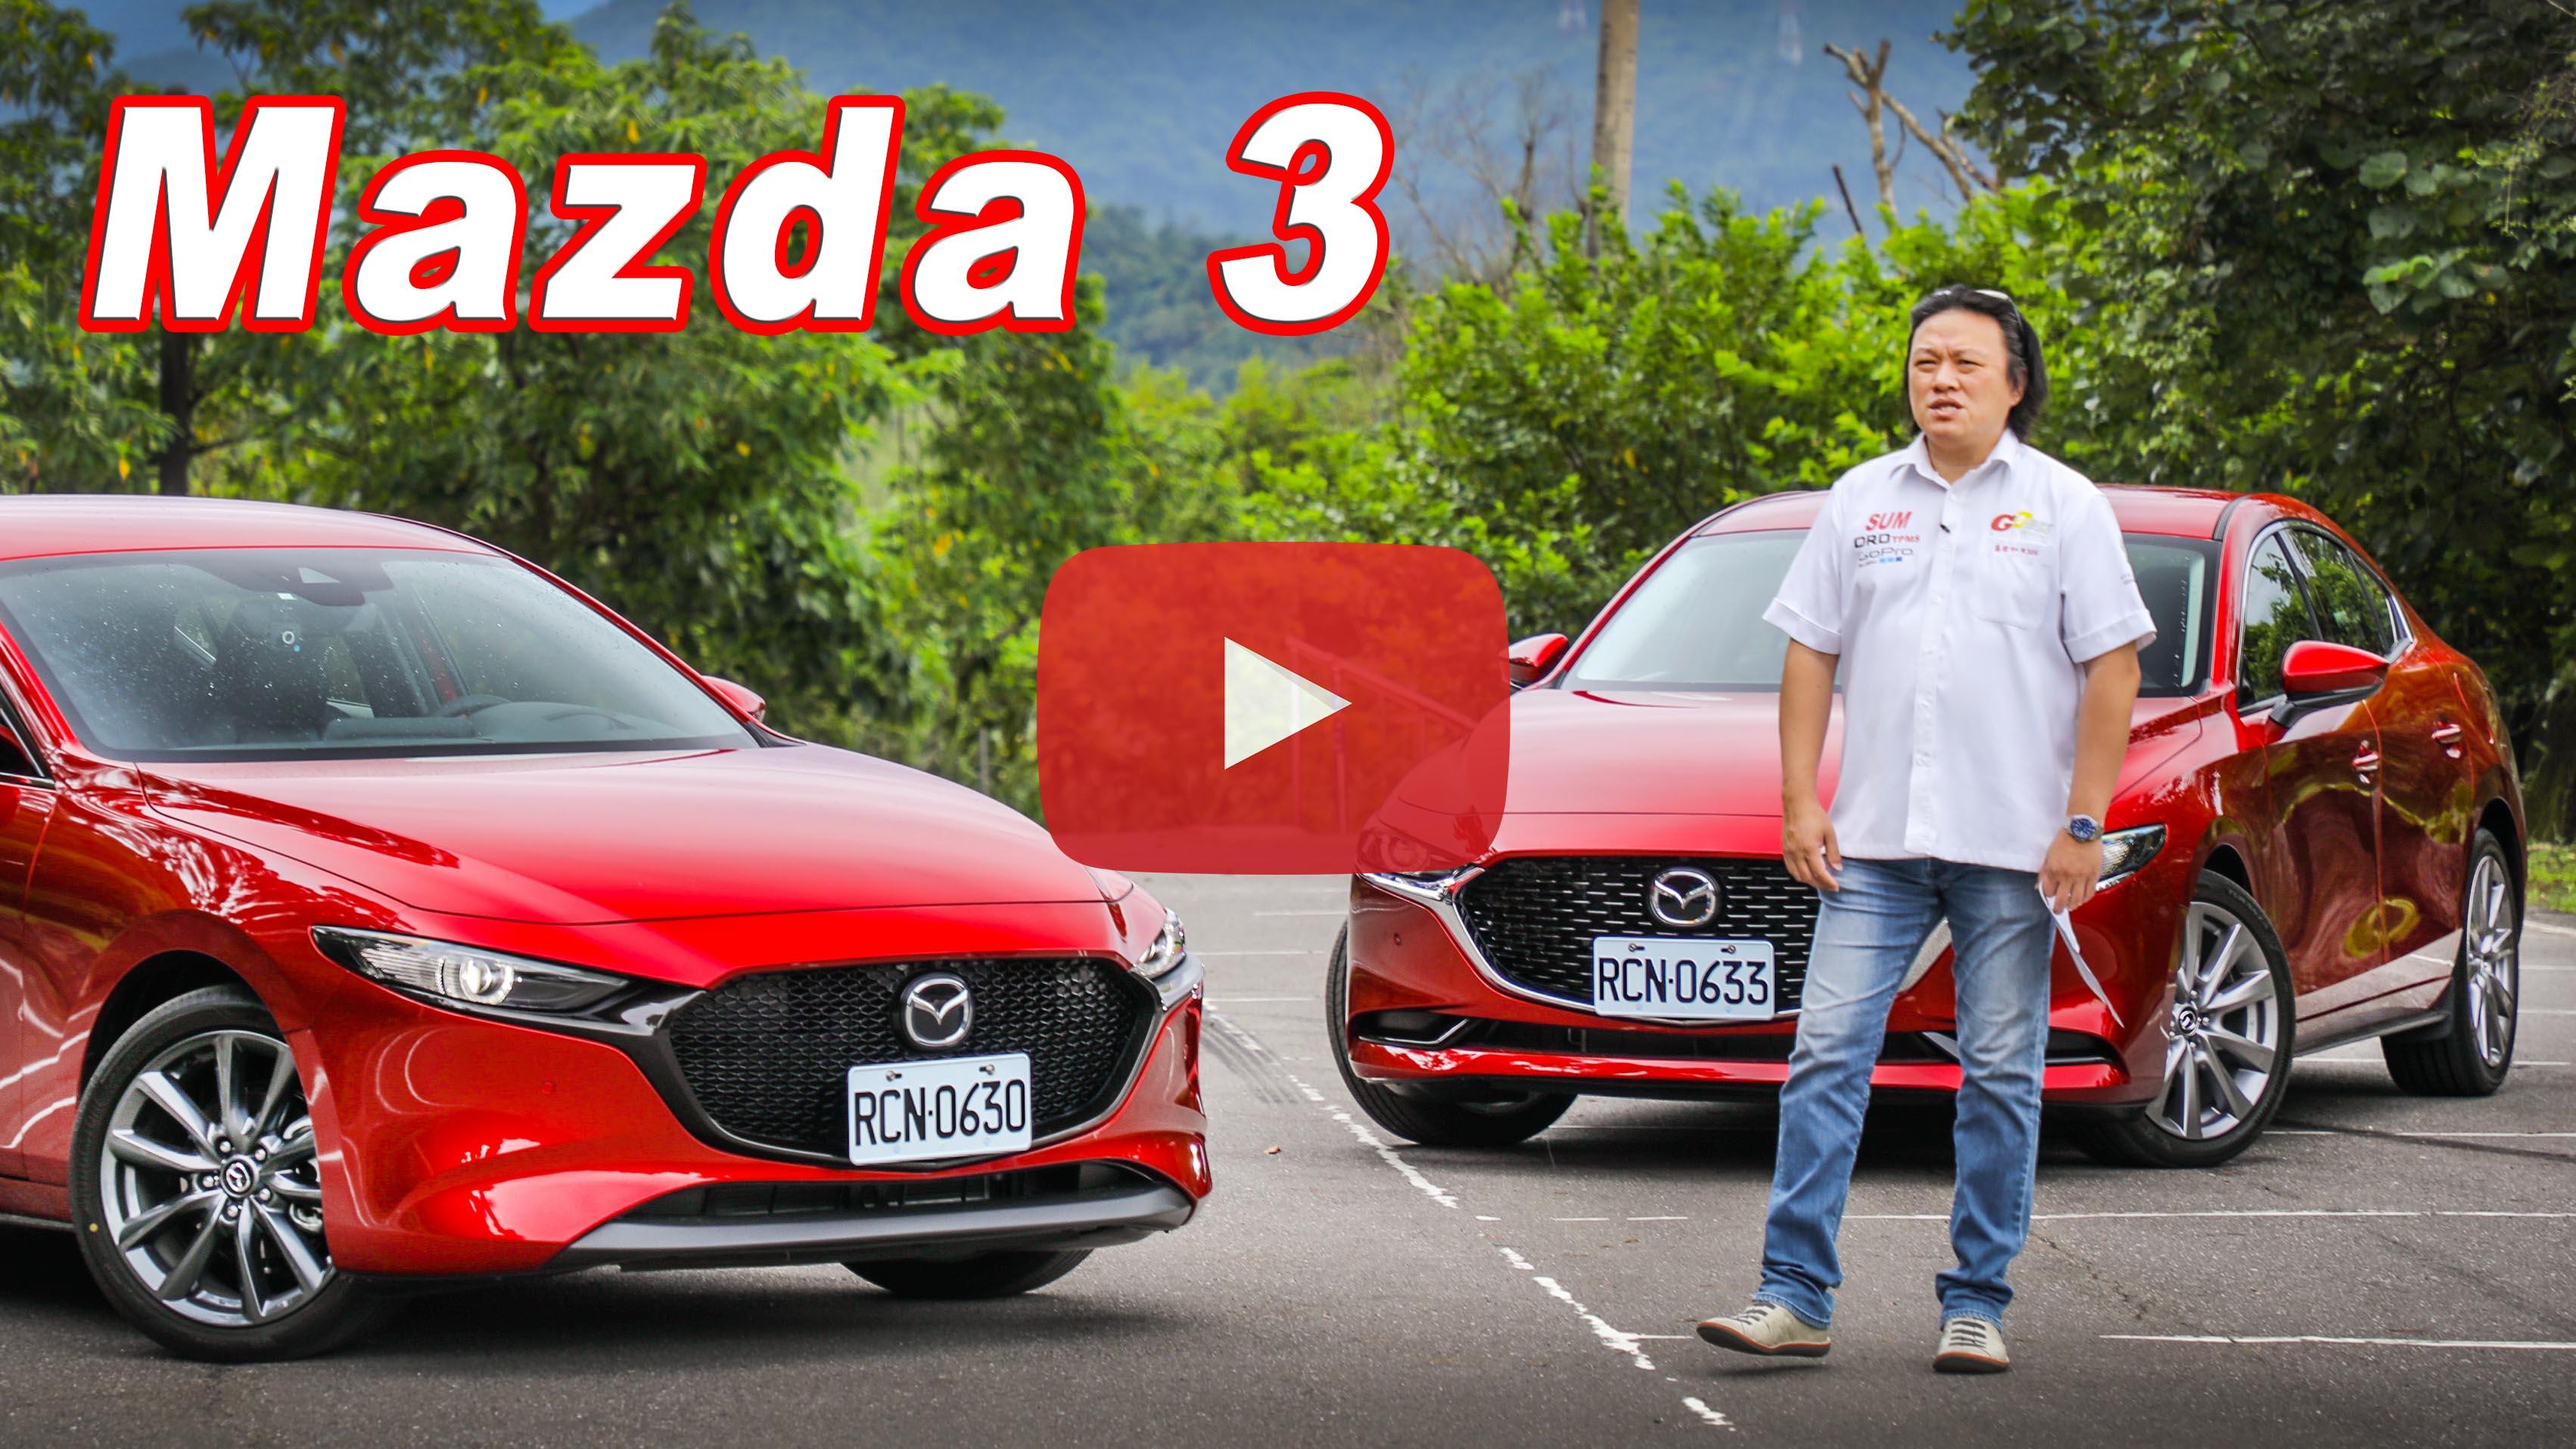 內外精進質感倍增!All New Mazda 3 四門、五門雙車型試駕